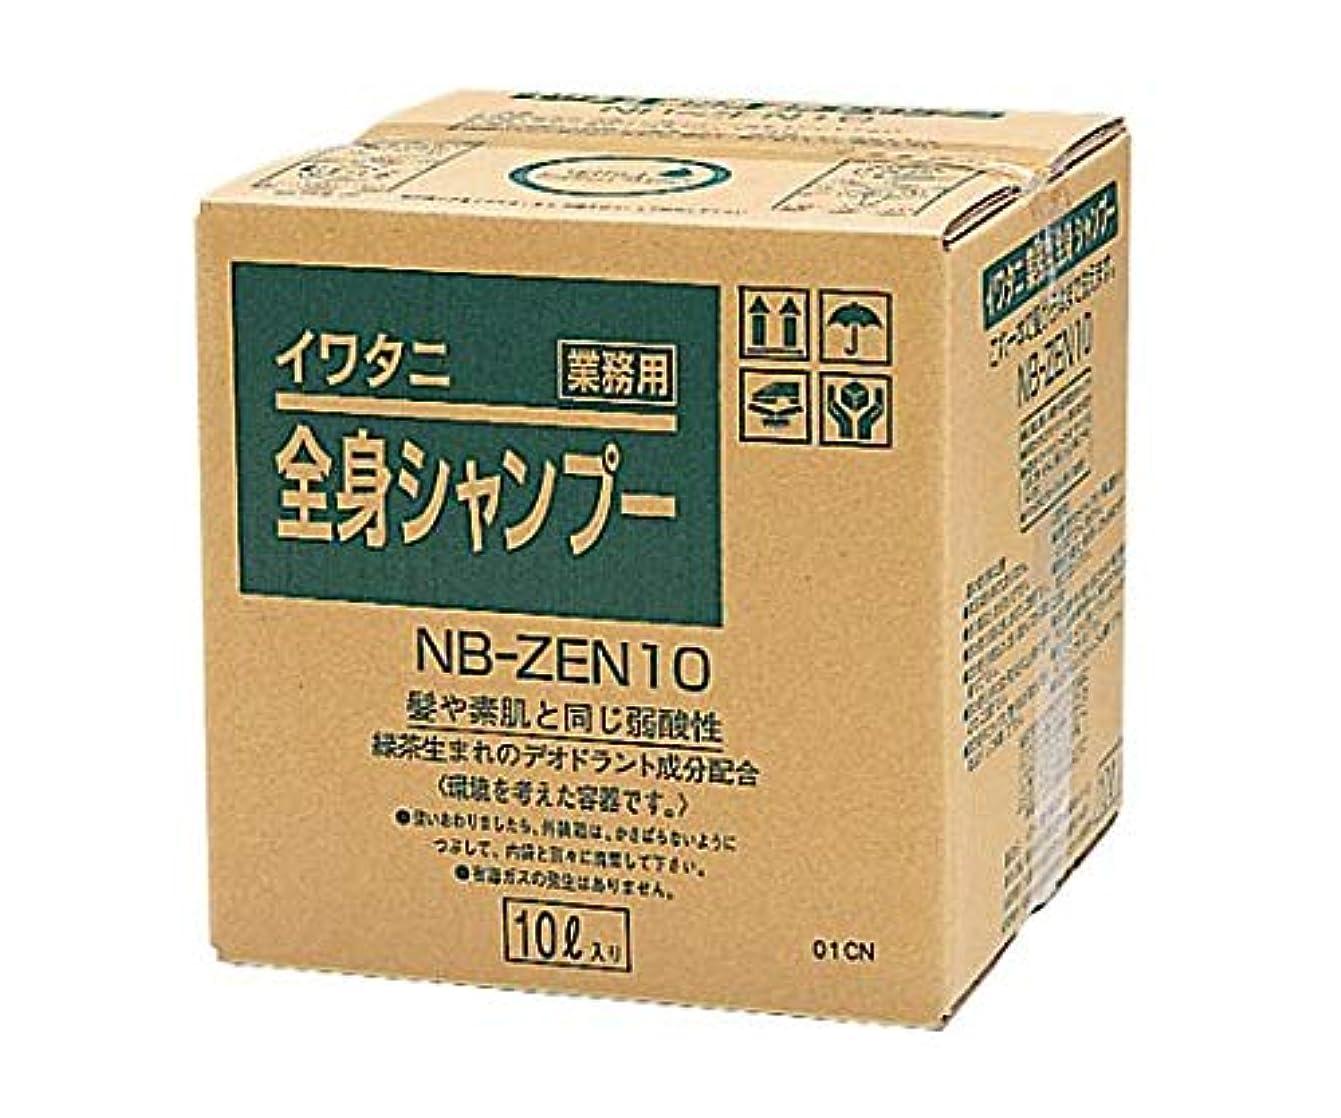 アストロラーベトレーダー識別イワタニ理化 業務用全身シャンプー 10L NB-ZEN10